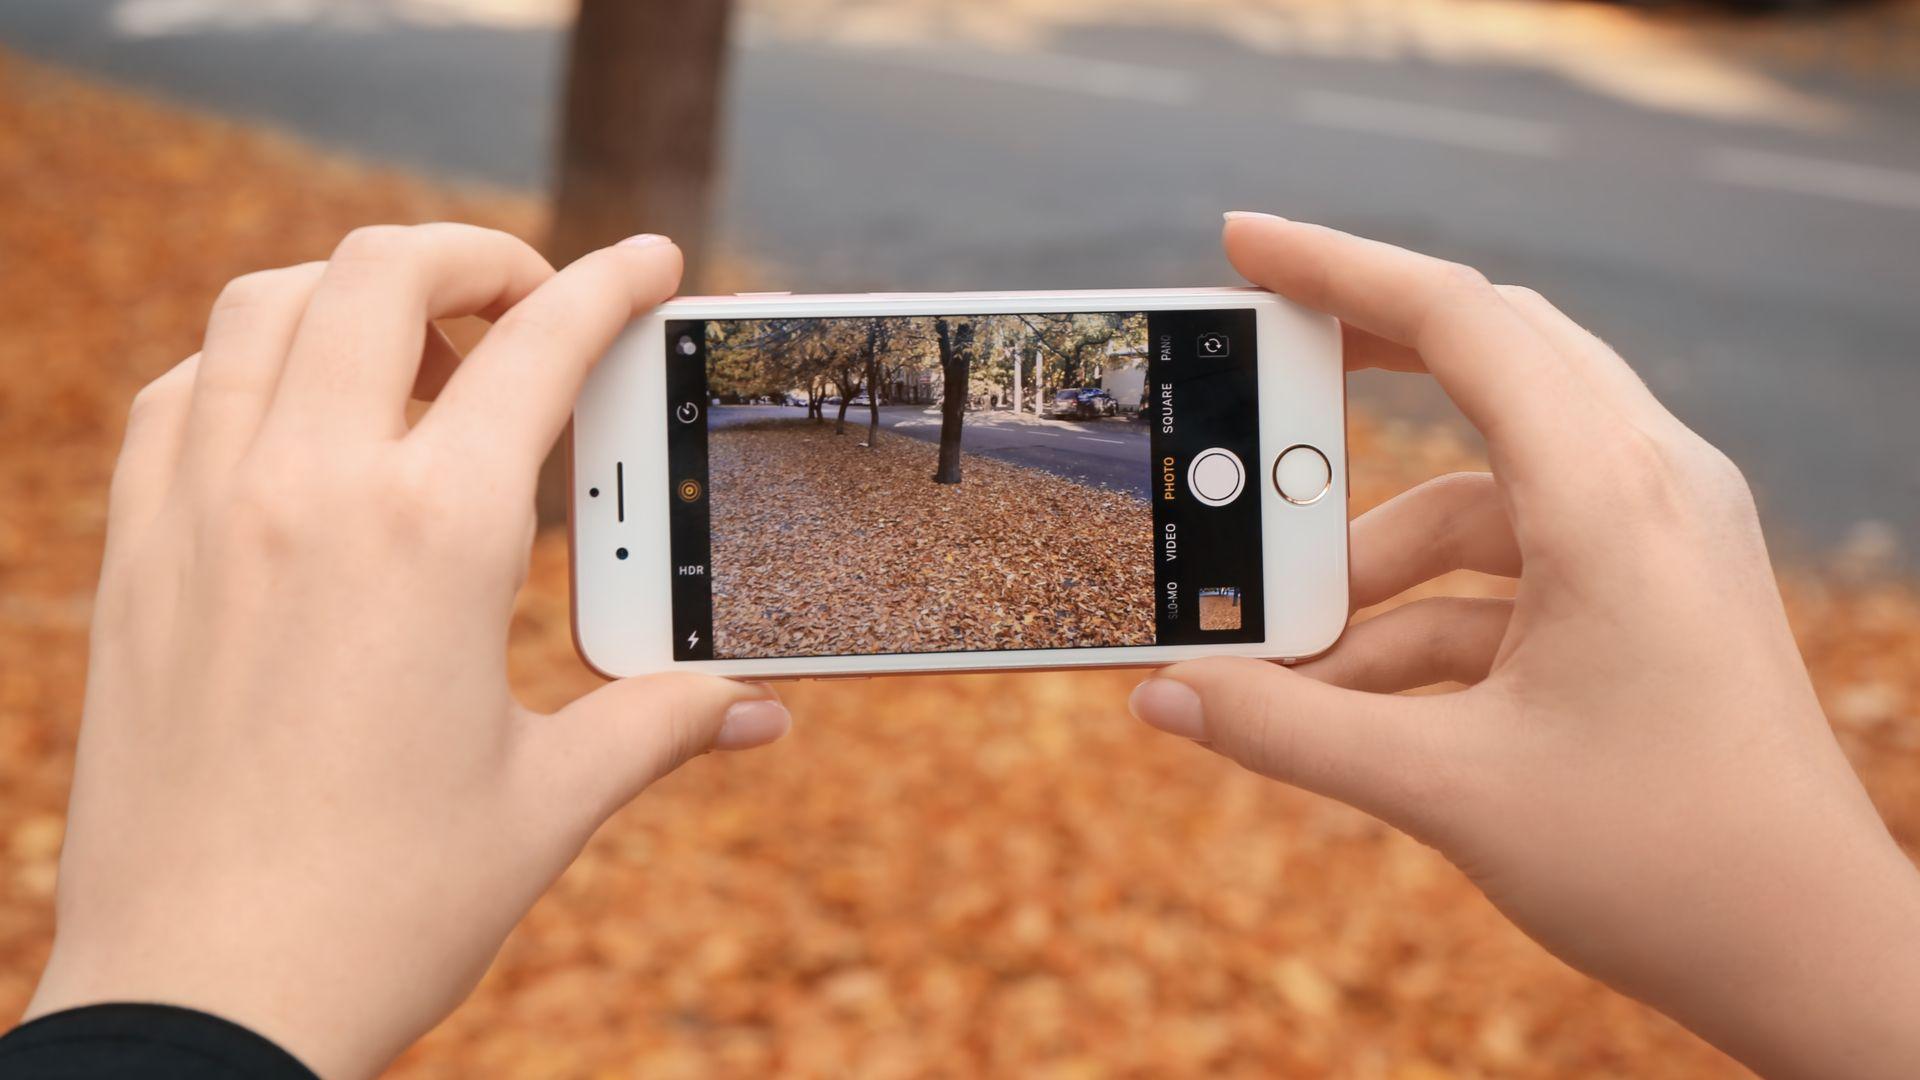 Câmera traseira do iPhone 6S promete bons resultados, especialmente em ambientes bem iluminados. (Imagem: Africa Studio/Shutterstock)